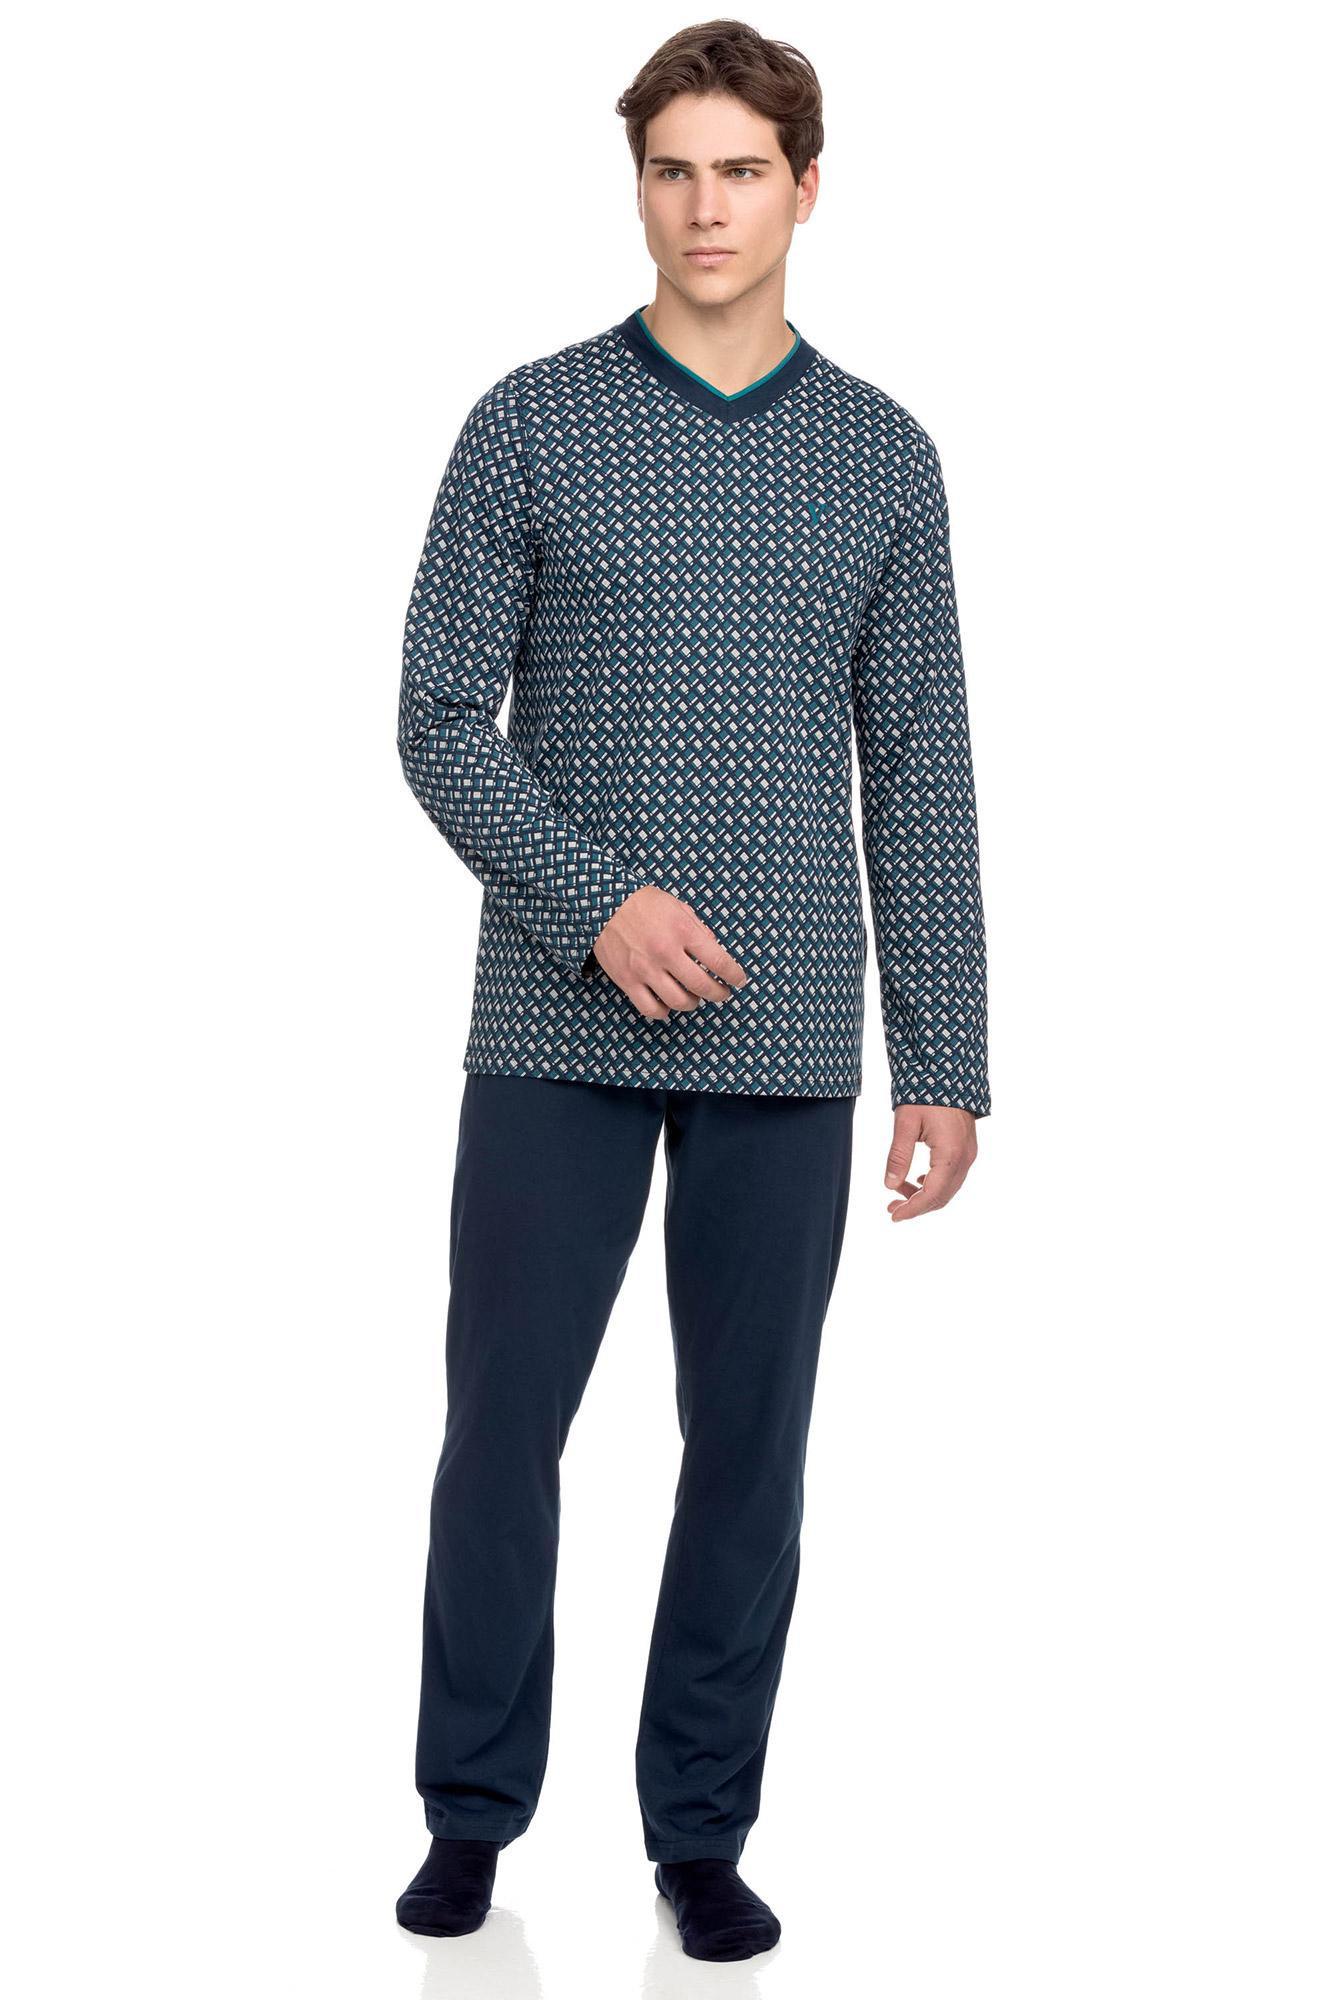 Vamp - Bavlnené pánske pyžamo 15632 - Vamp blue oxford l